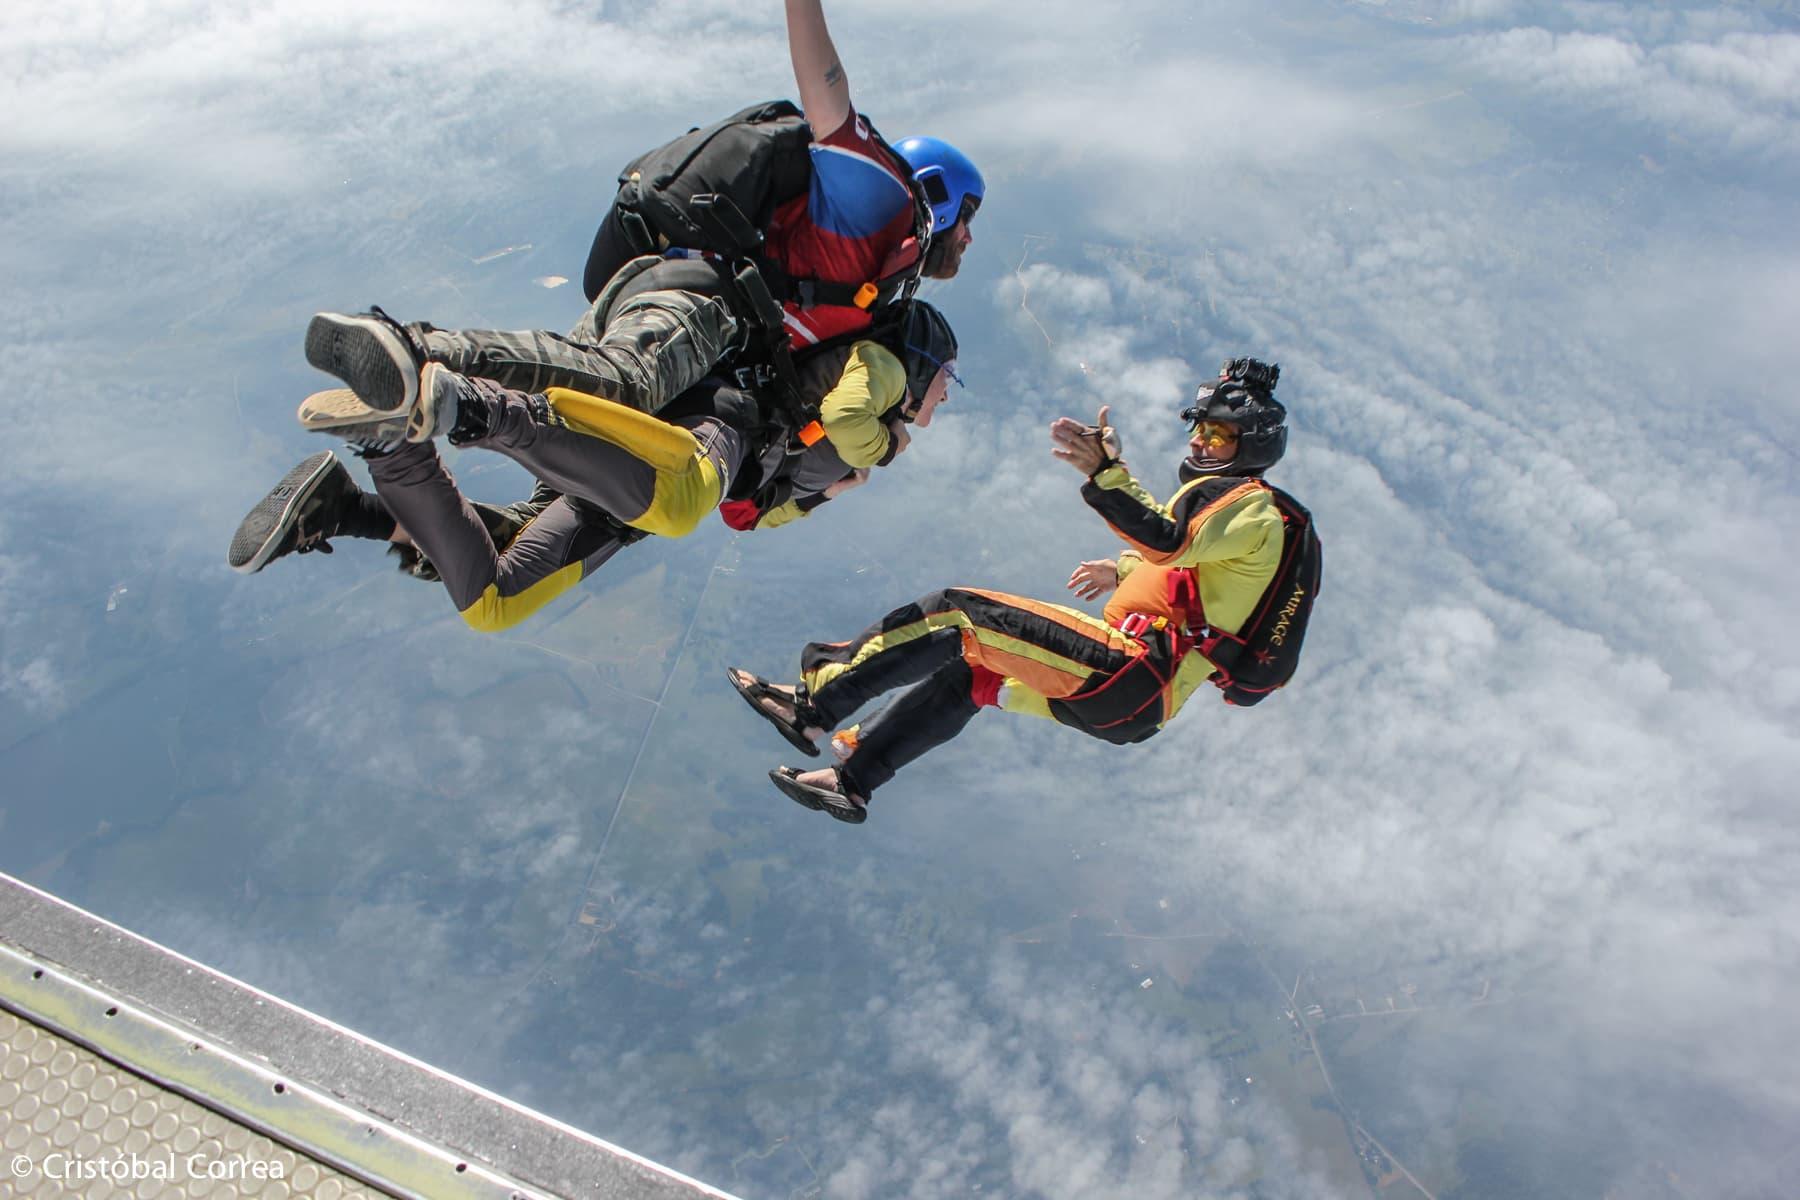 tandem skydiving video at skydive carolina